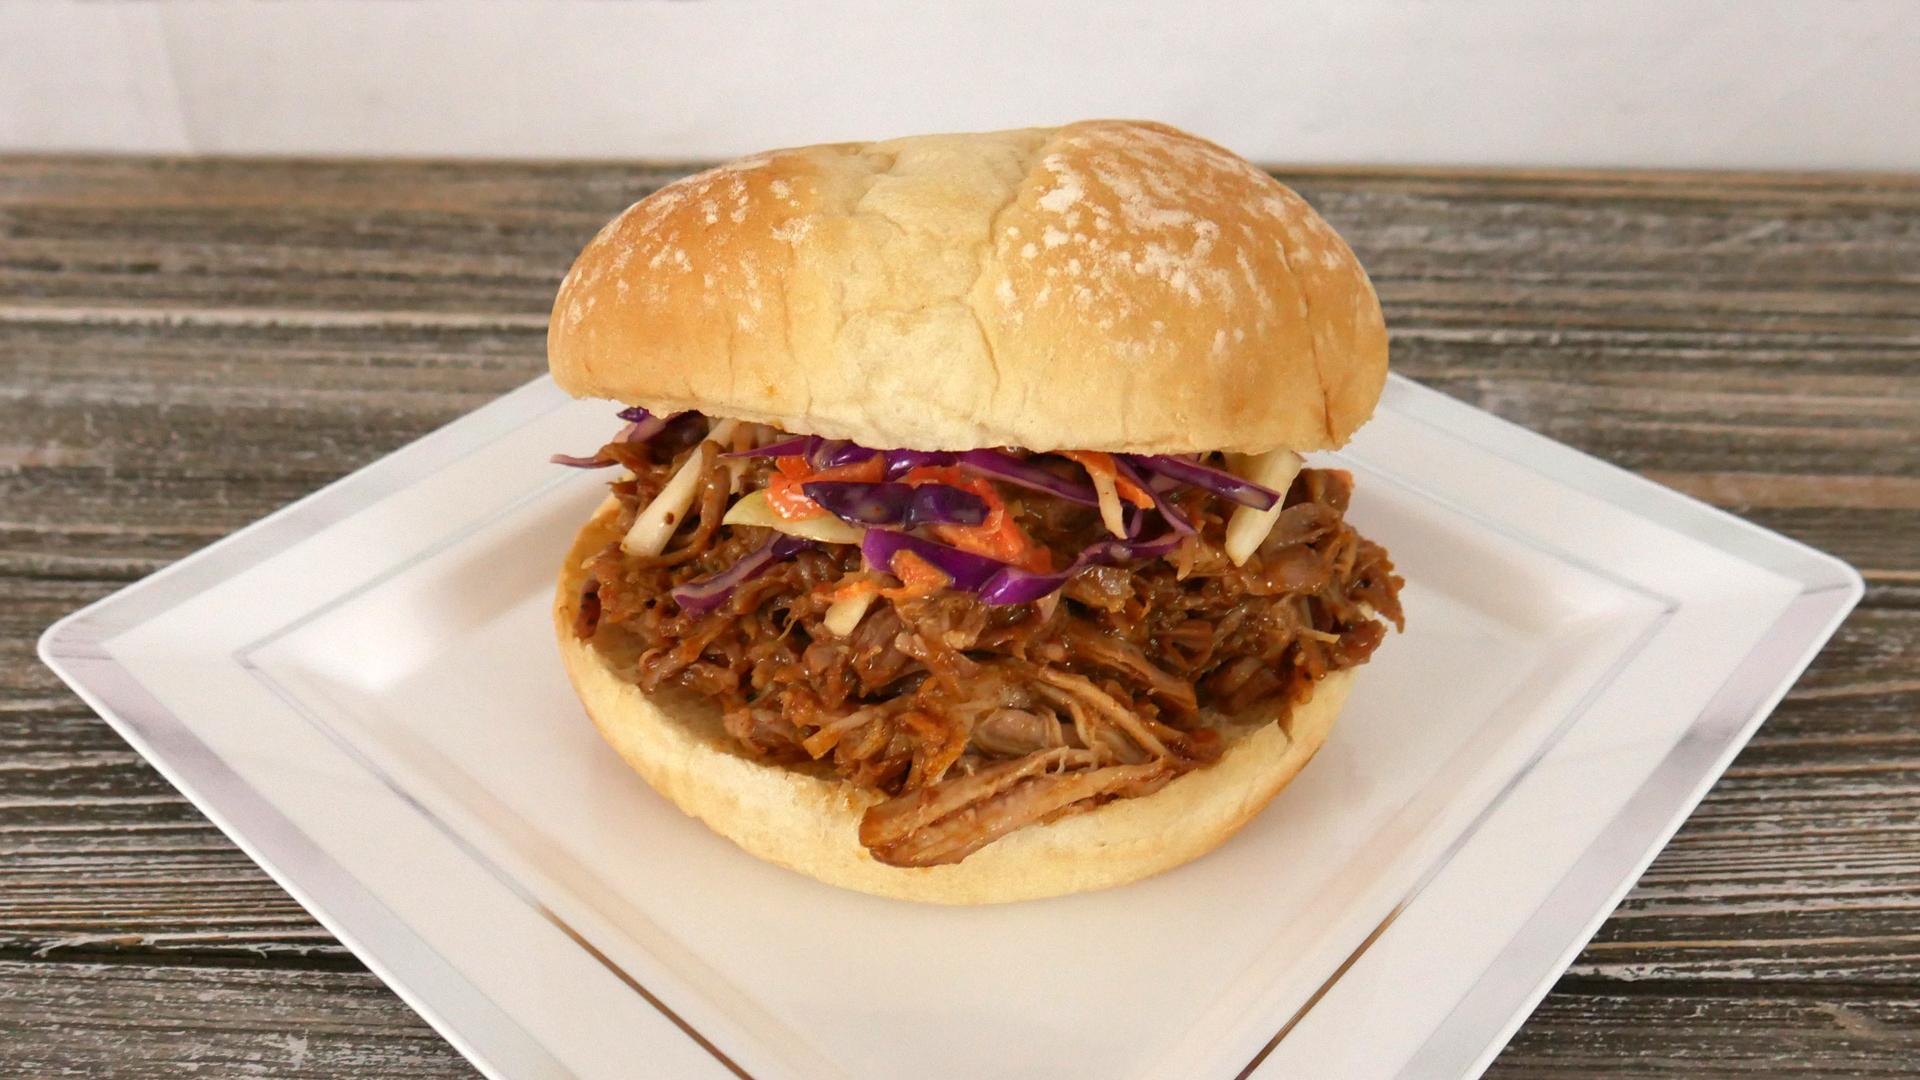 Carne de Porco Desfiada com Molho Barbecue (BBQ Pulled Pork)